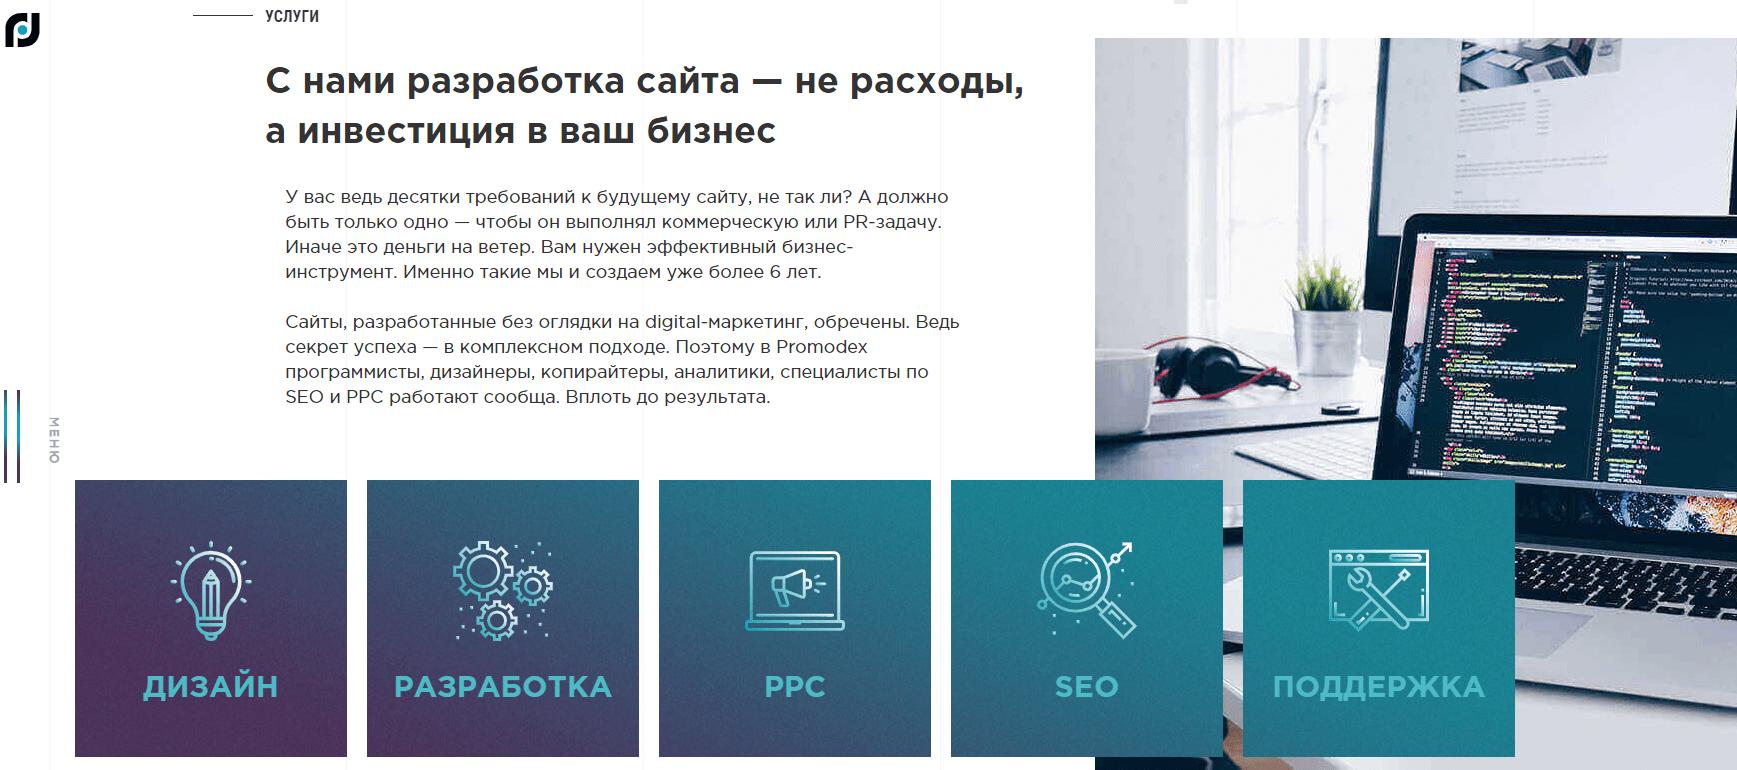 Promodex - обзор компании, услуги, отзывы, клиенты   Google SEO, Фото № 2 - google-seo.pro